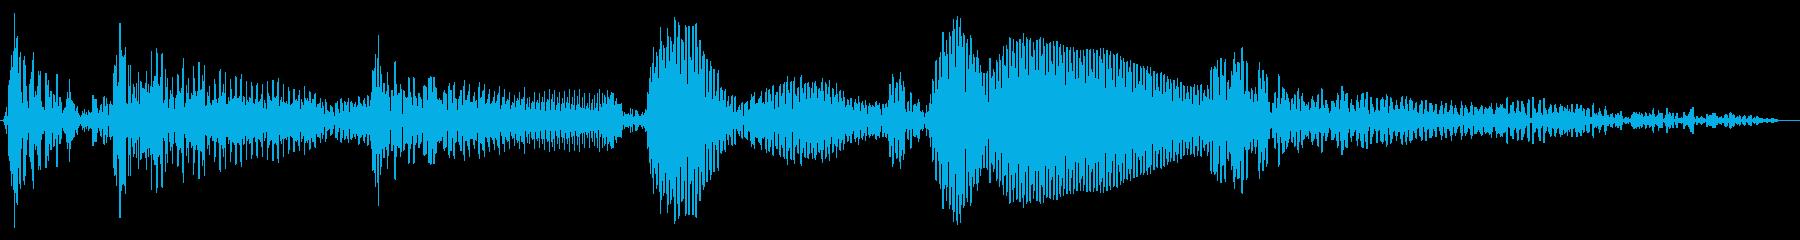 明るいアップライトベースのジングルの再生済みの波形